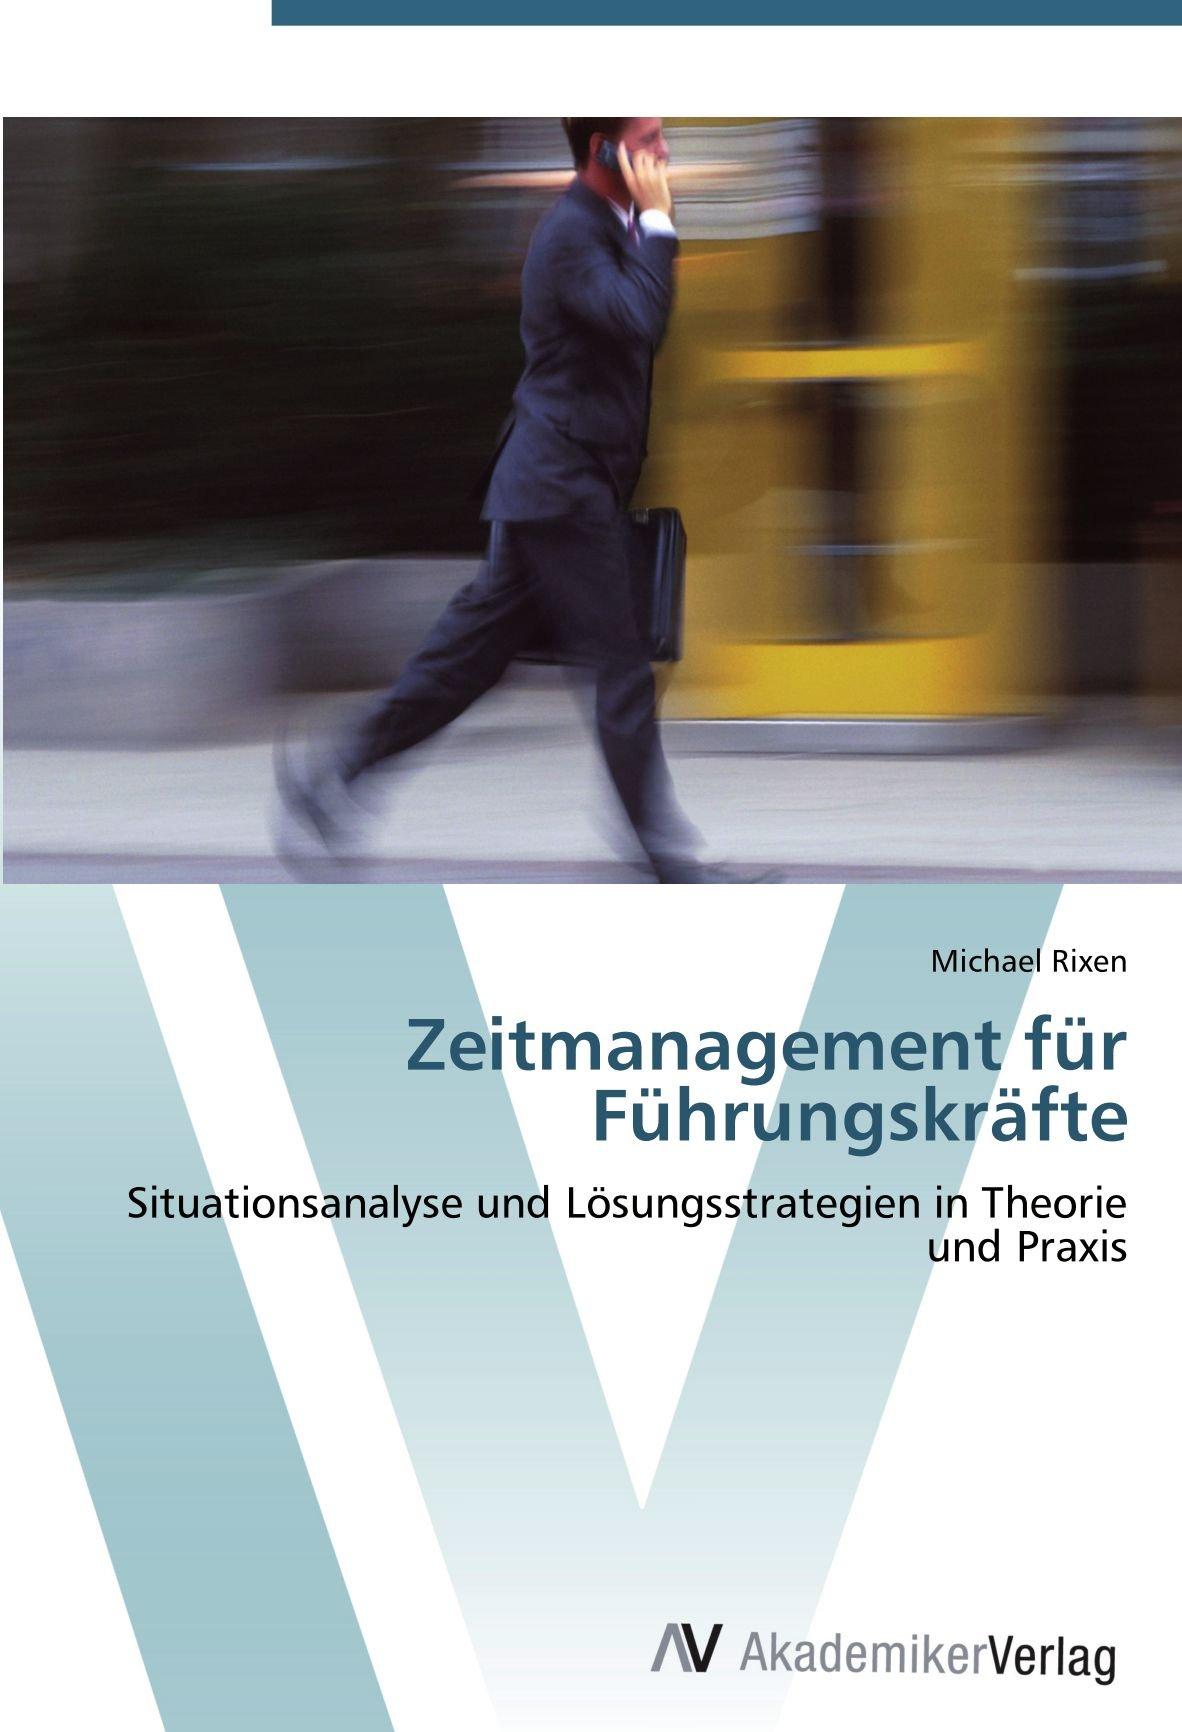 Zeitmanagement für Führungskräfte: Situationsanalyse und Lösungsstrategien in Theorie und Praxis